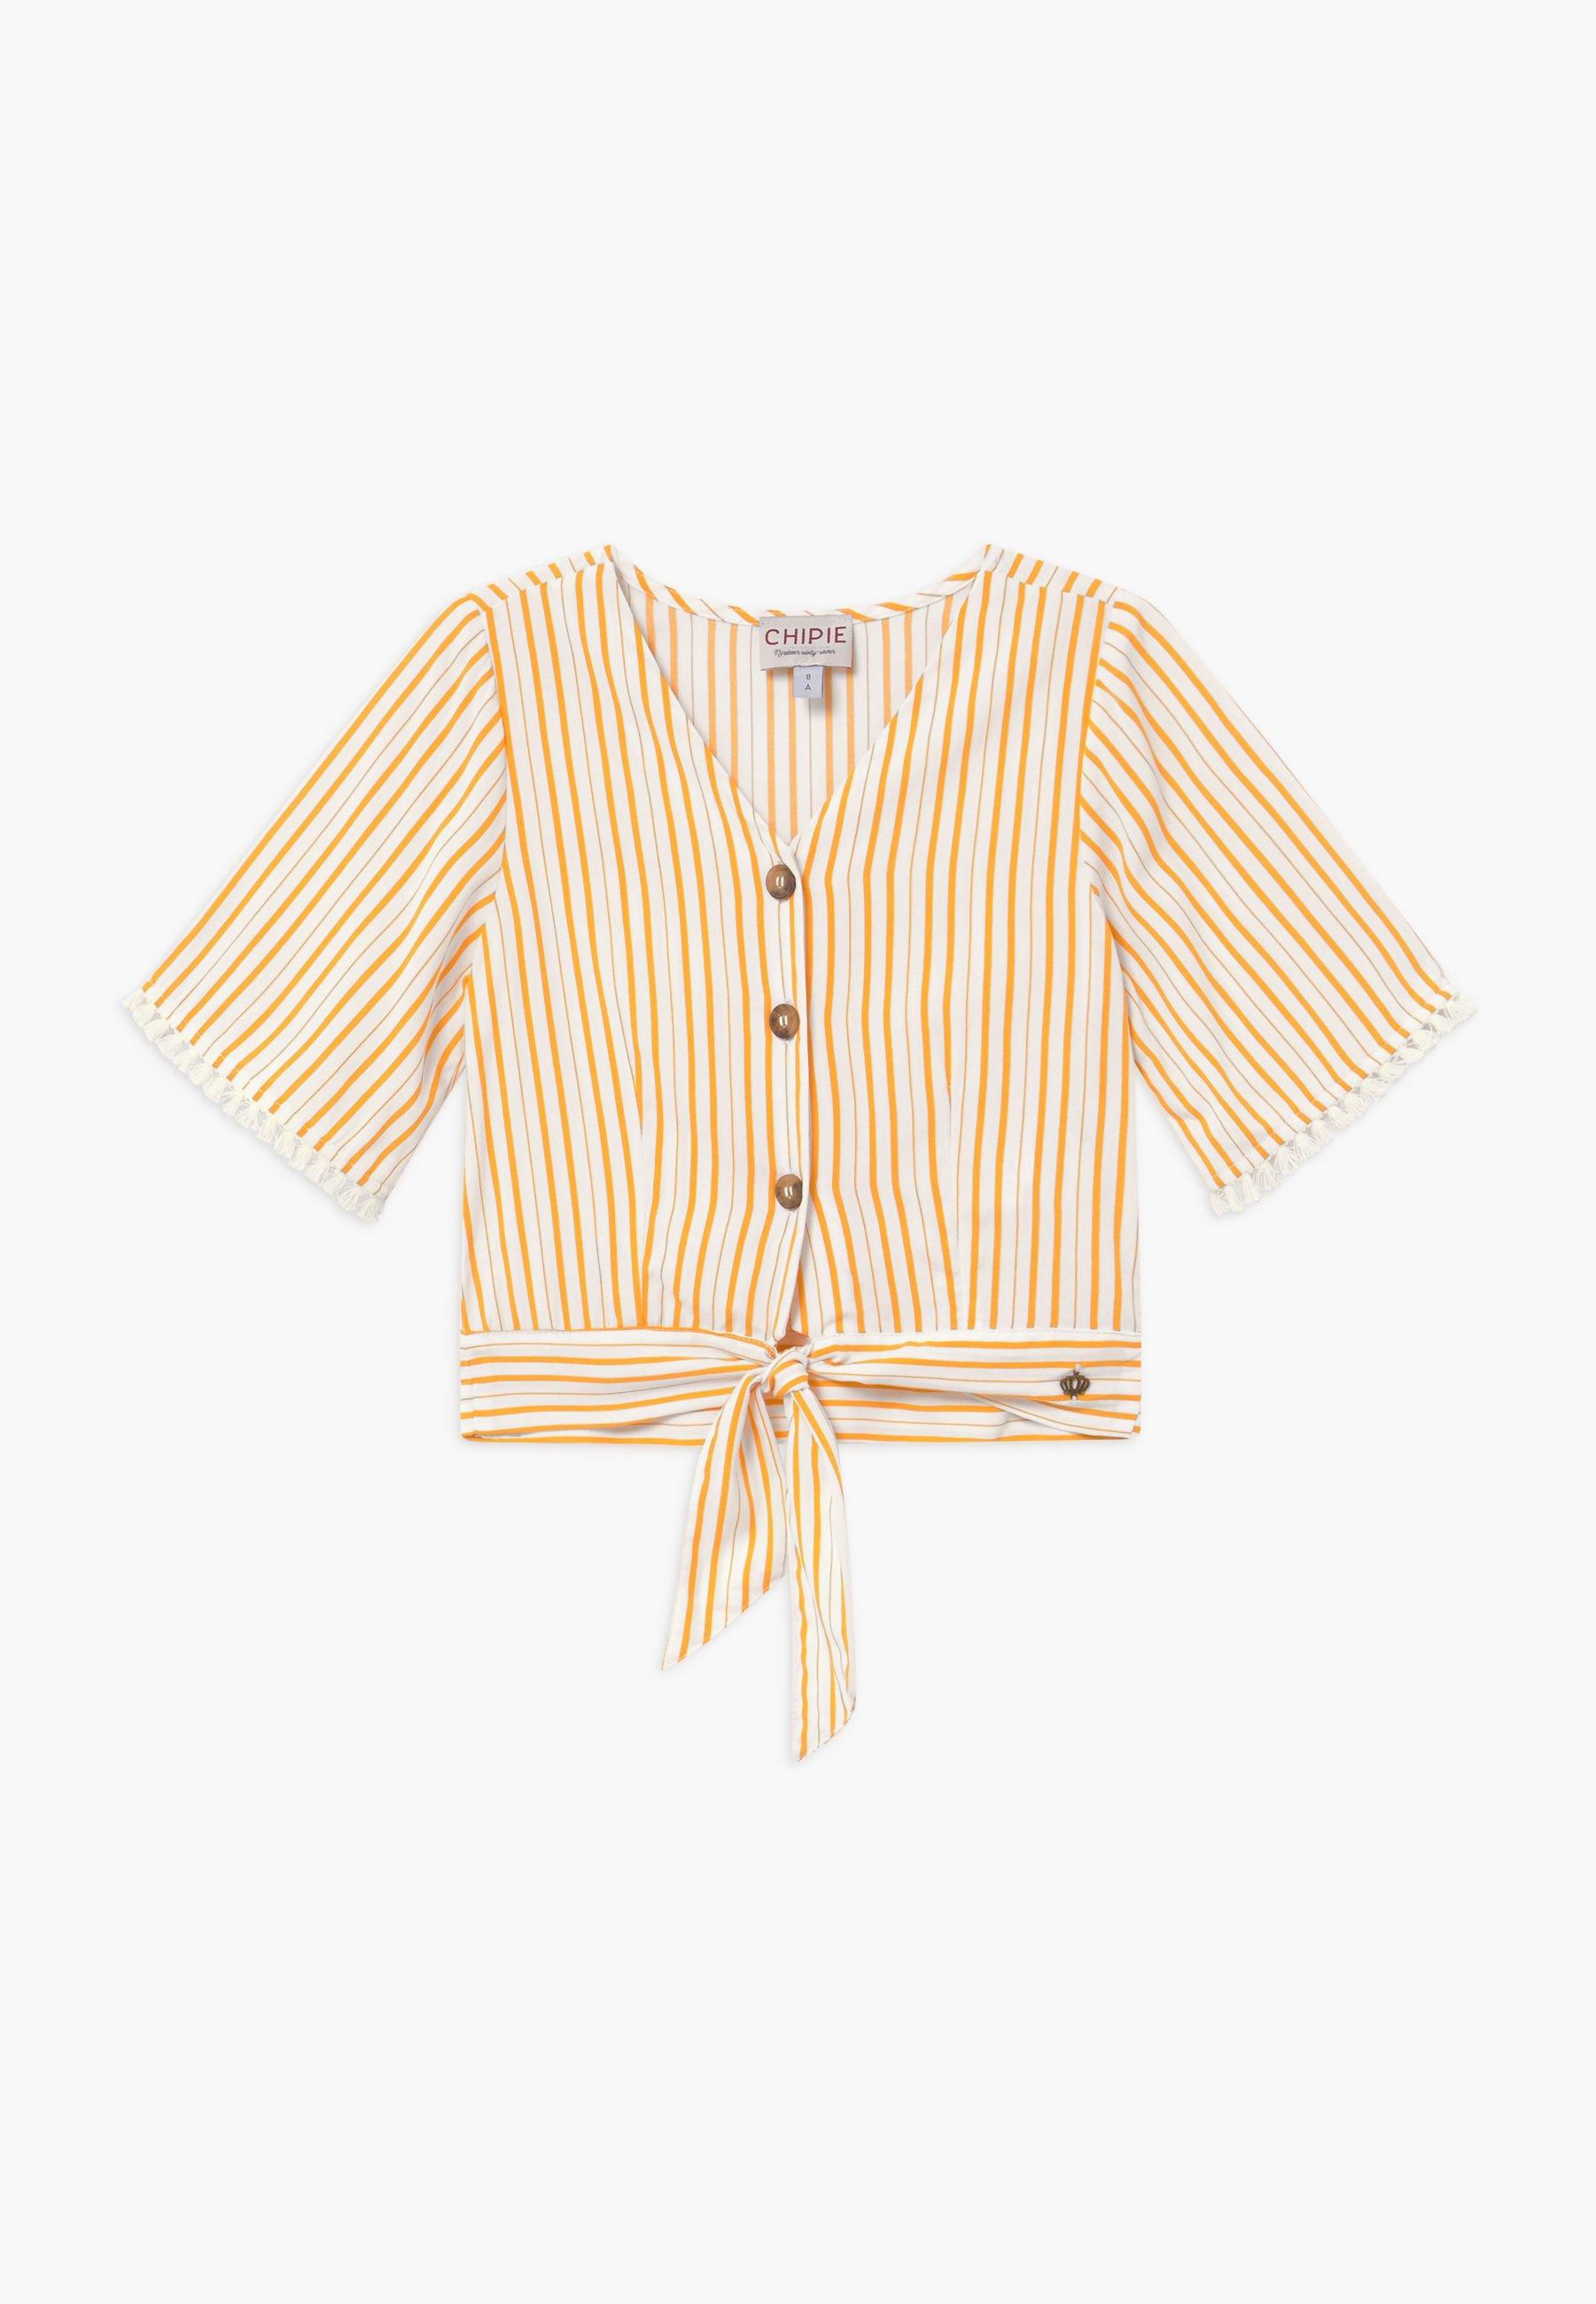 Große Förderung Chipie Bluse - blanc casse | Damenbekleidung 2020